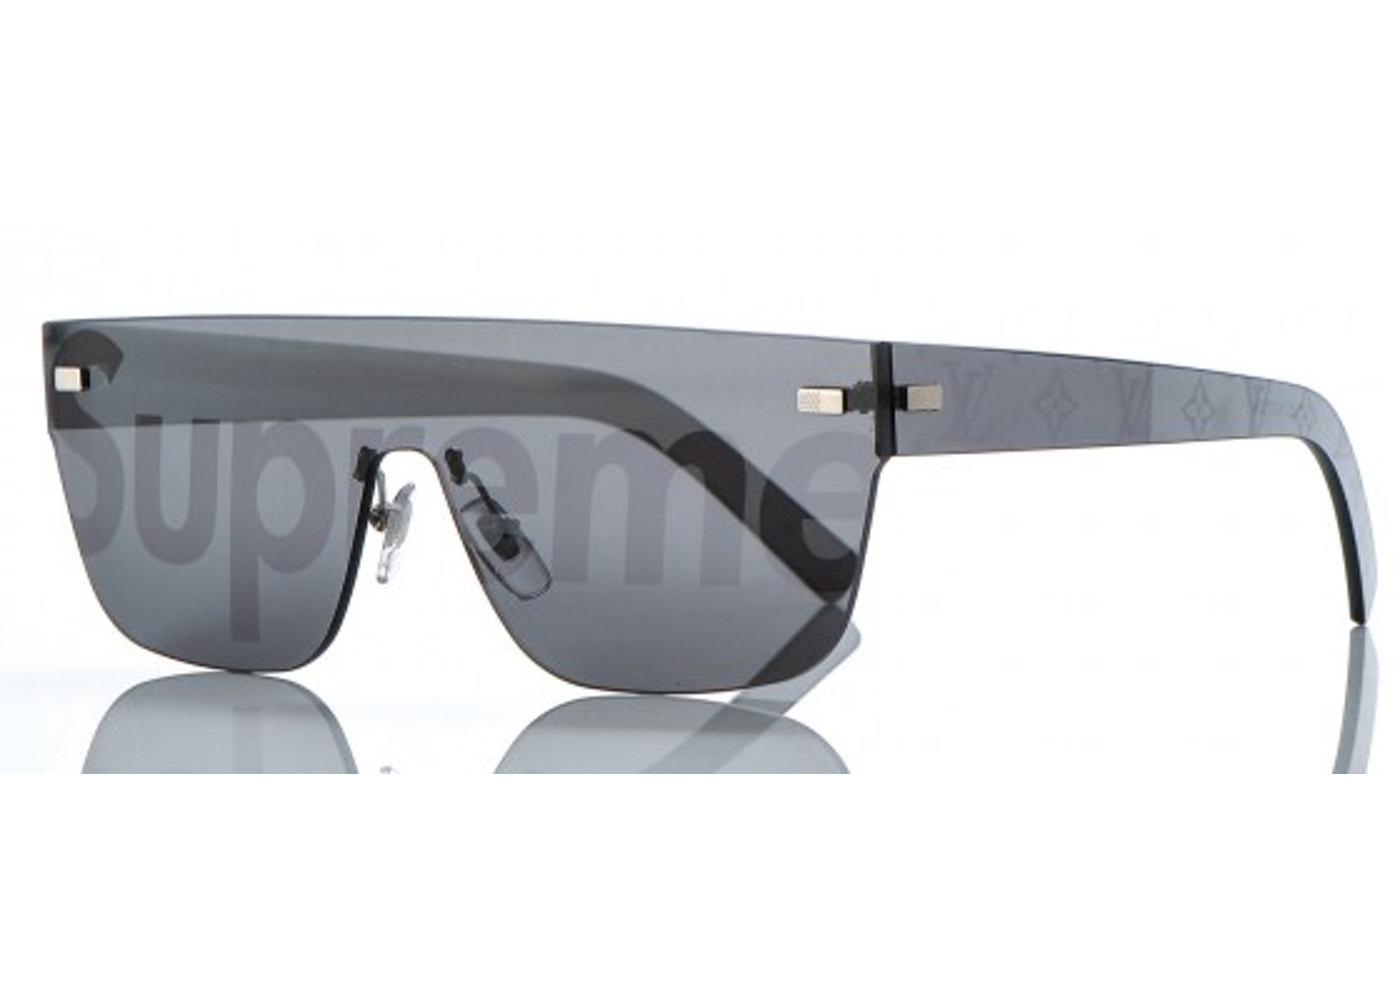 6a3d2f9f5ca0d Streetwear - Supreme Accessories - Last Sale